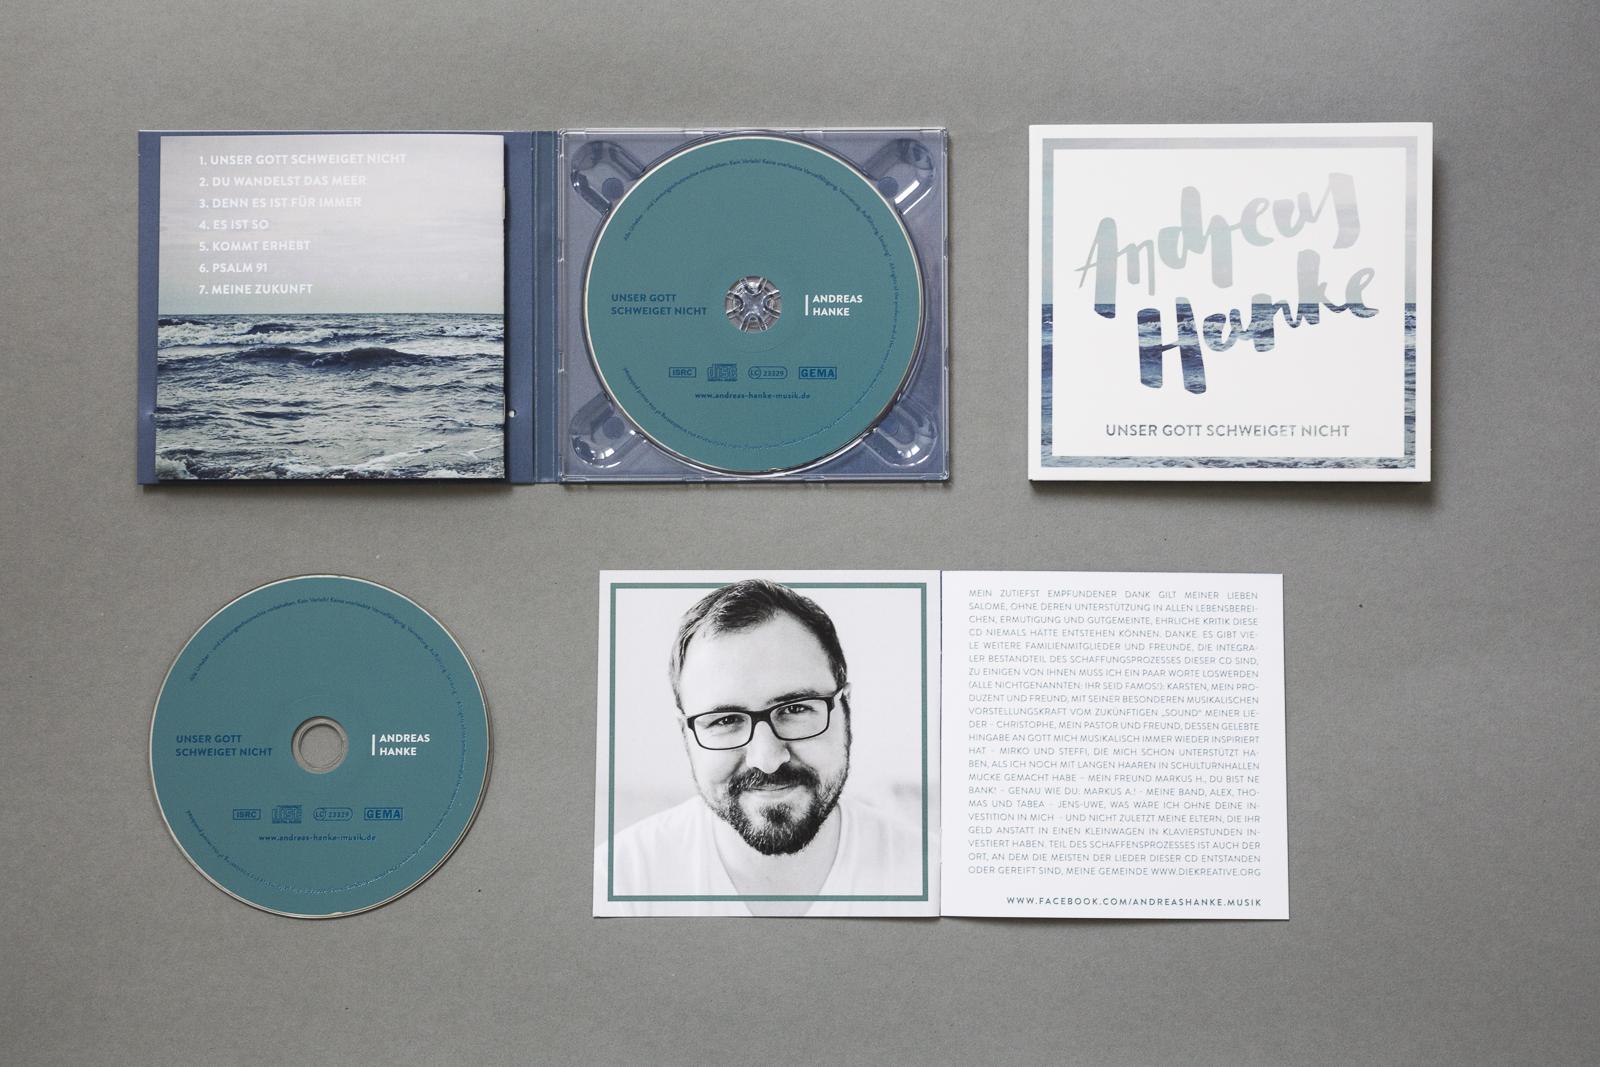 1_Andreas Hanke CD__MG_9254_bearbeitet_web